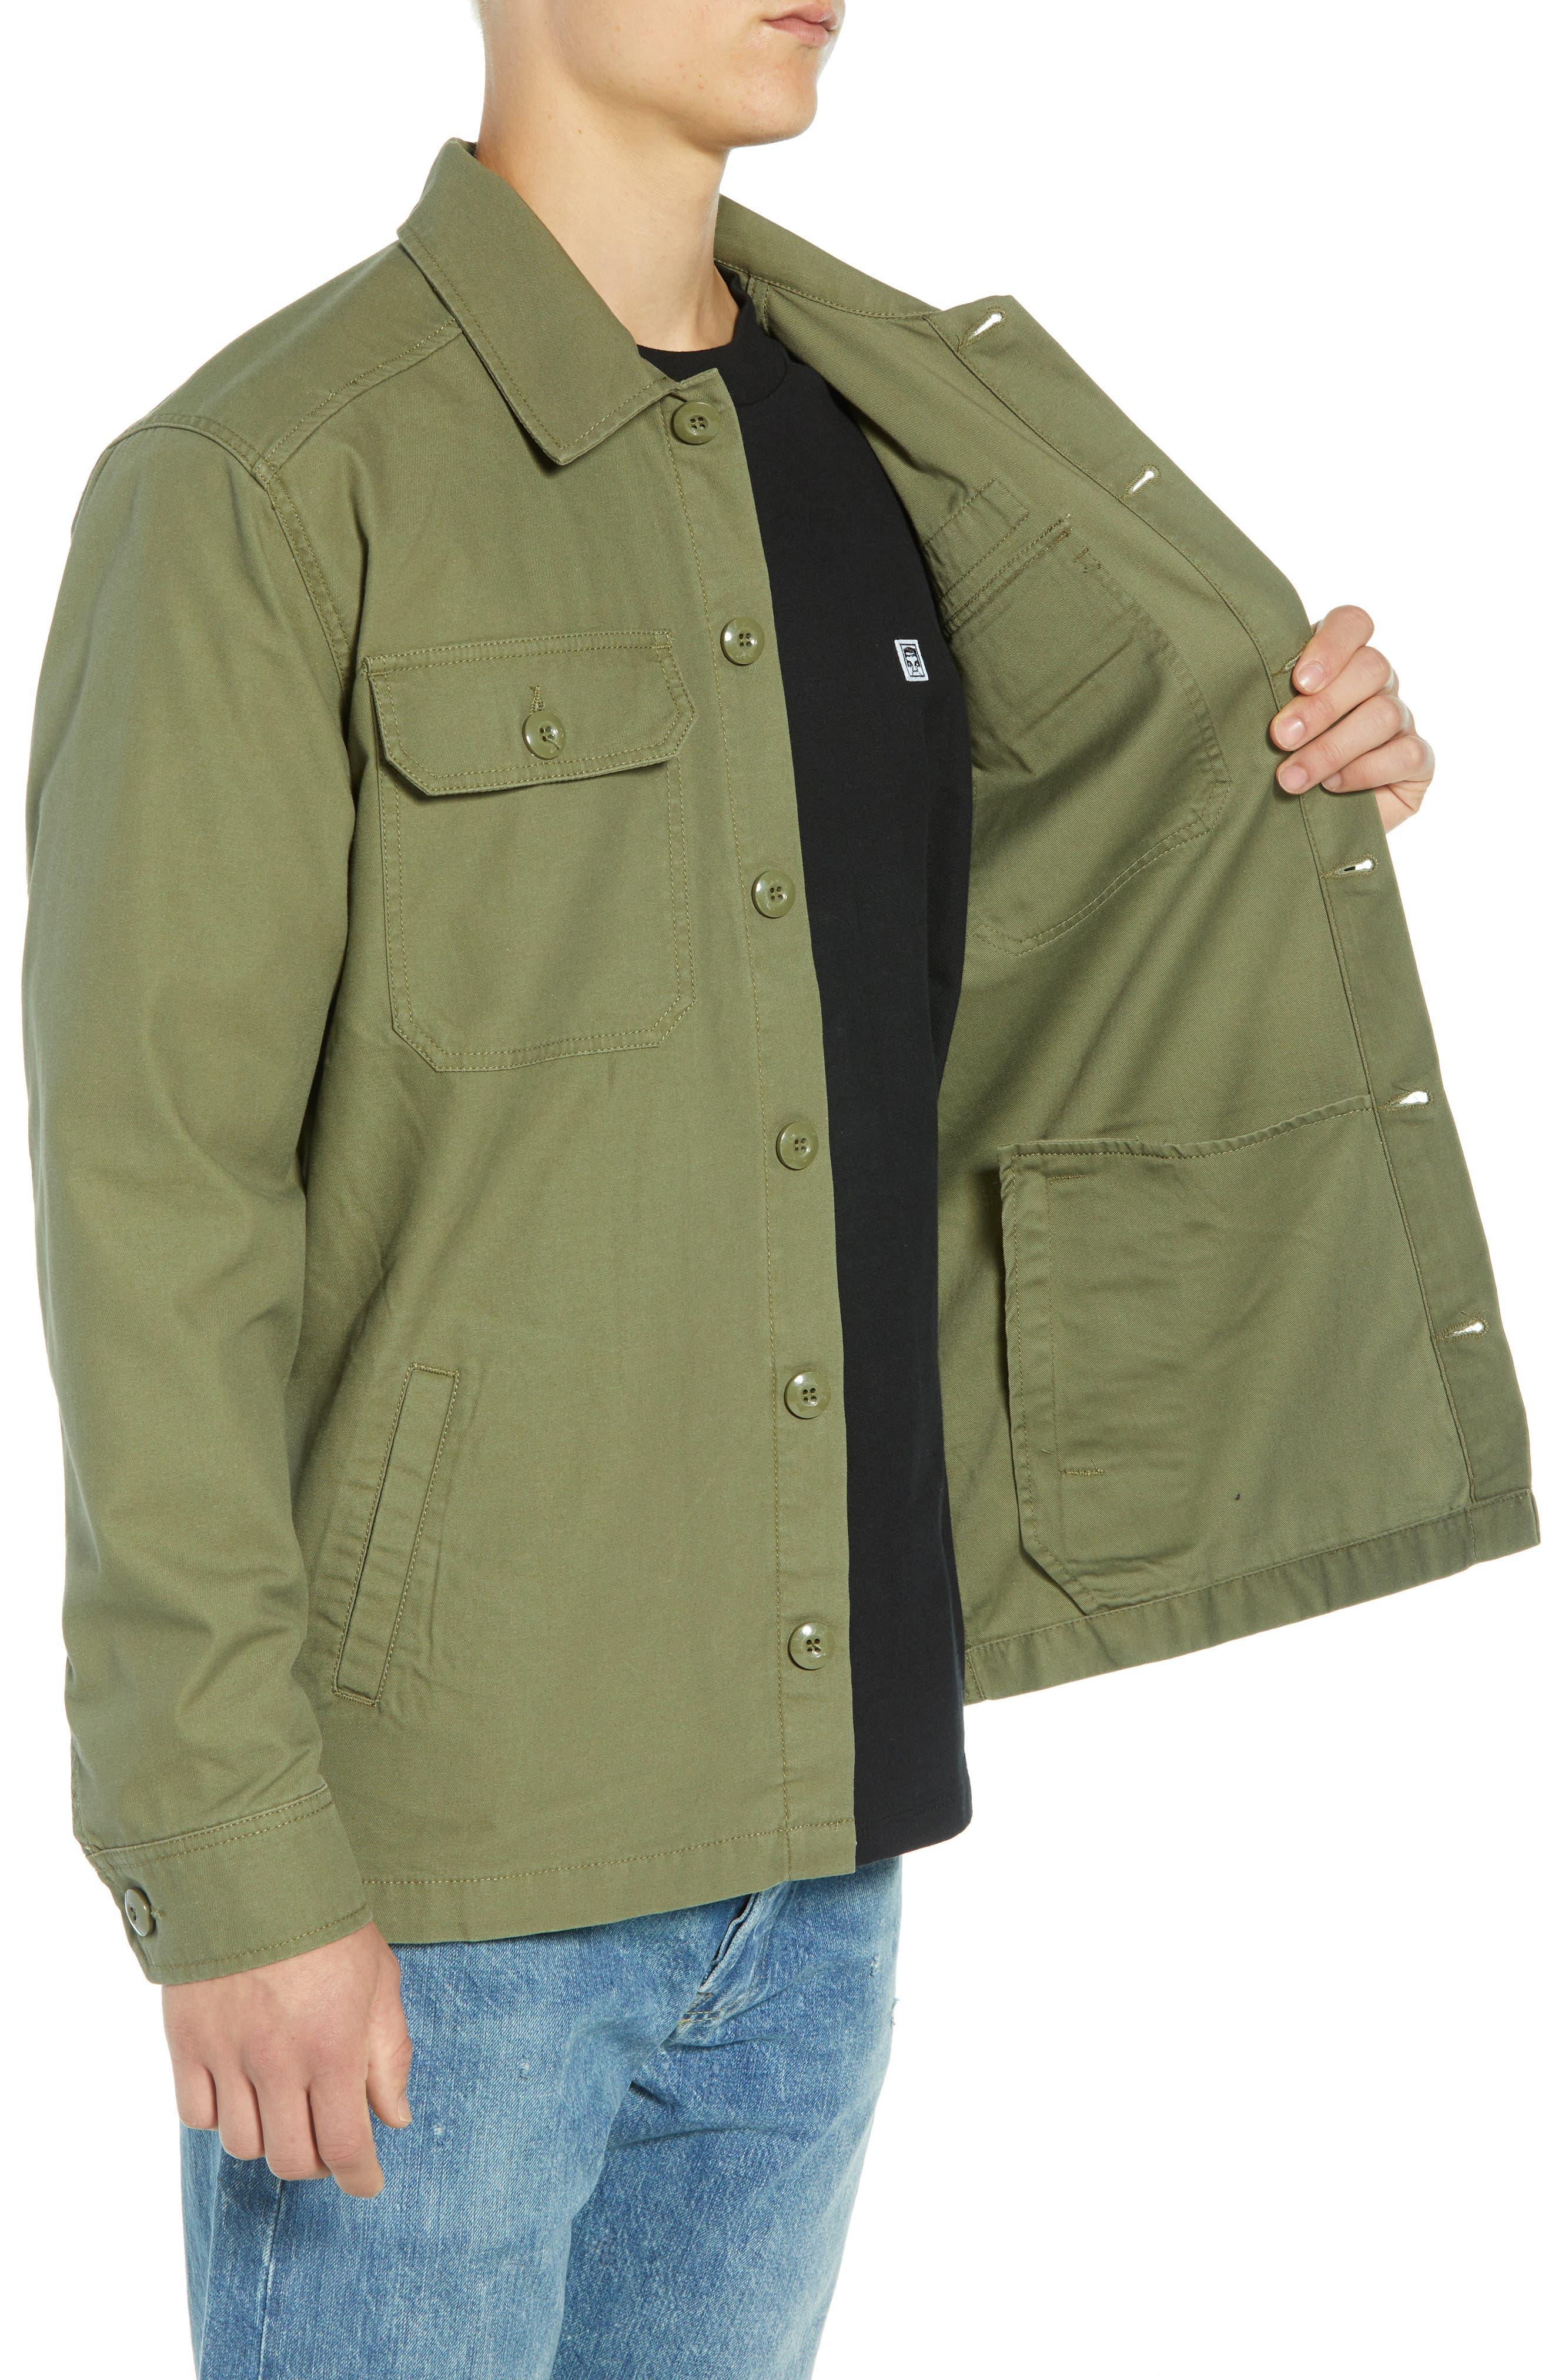 Station Shirt Jacket,                             Alternate thumbnail 3, color,                             BURNT OLIVE